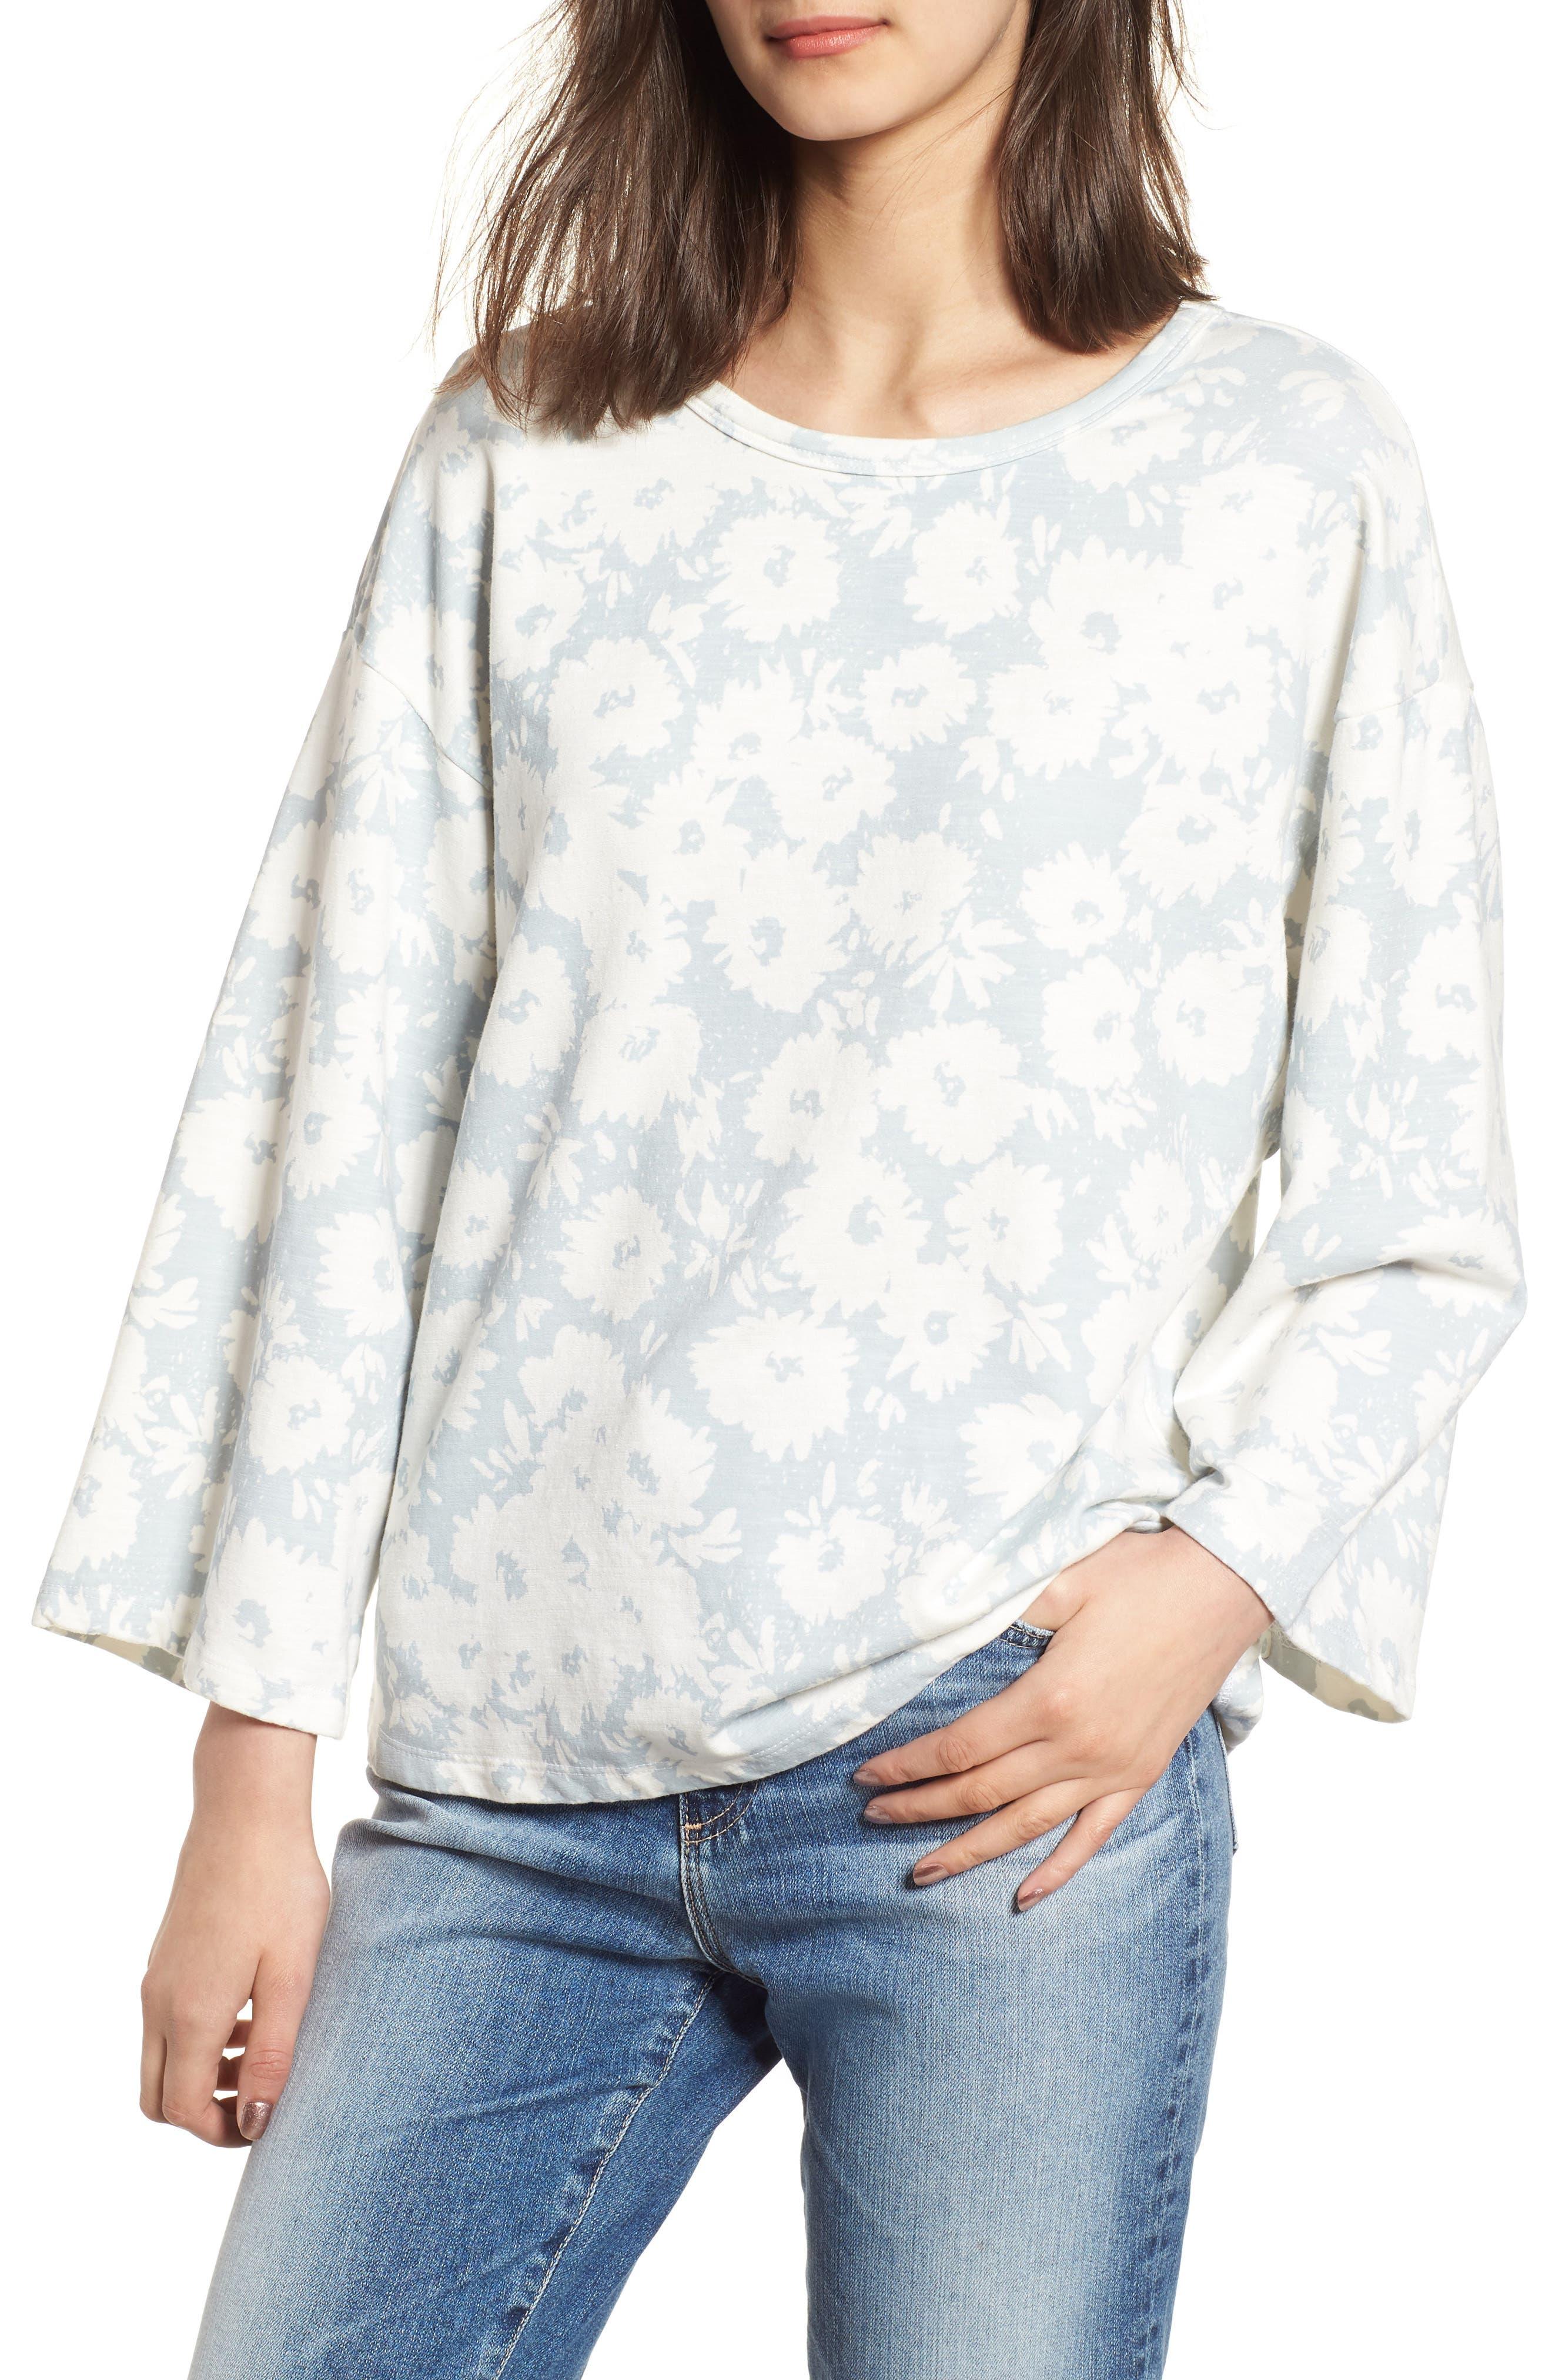 Kimono Sweatshirt,                             Main thumbnail 1, color,                             451